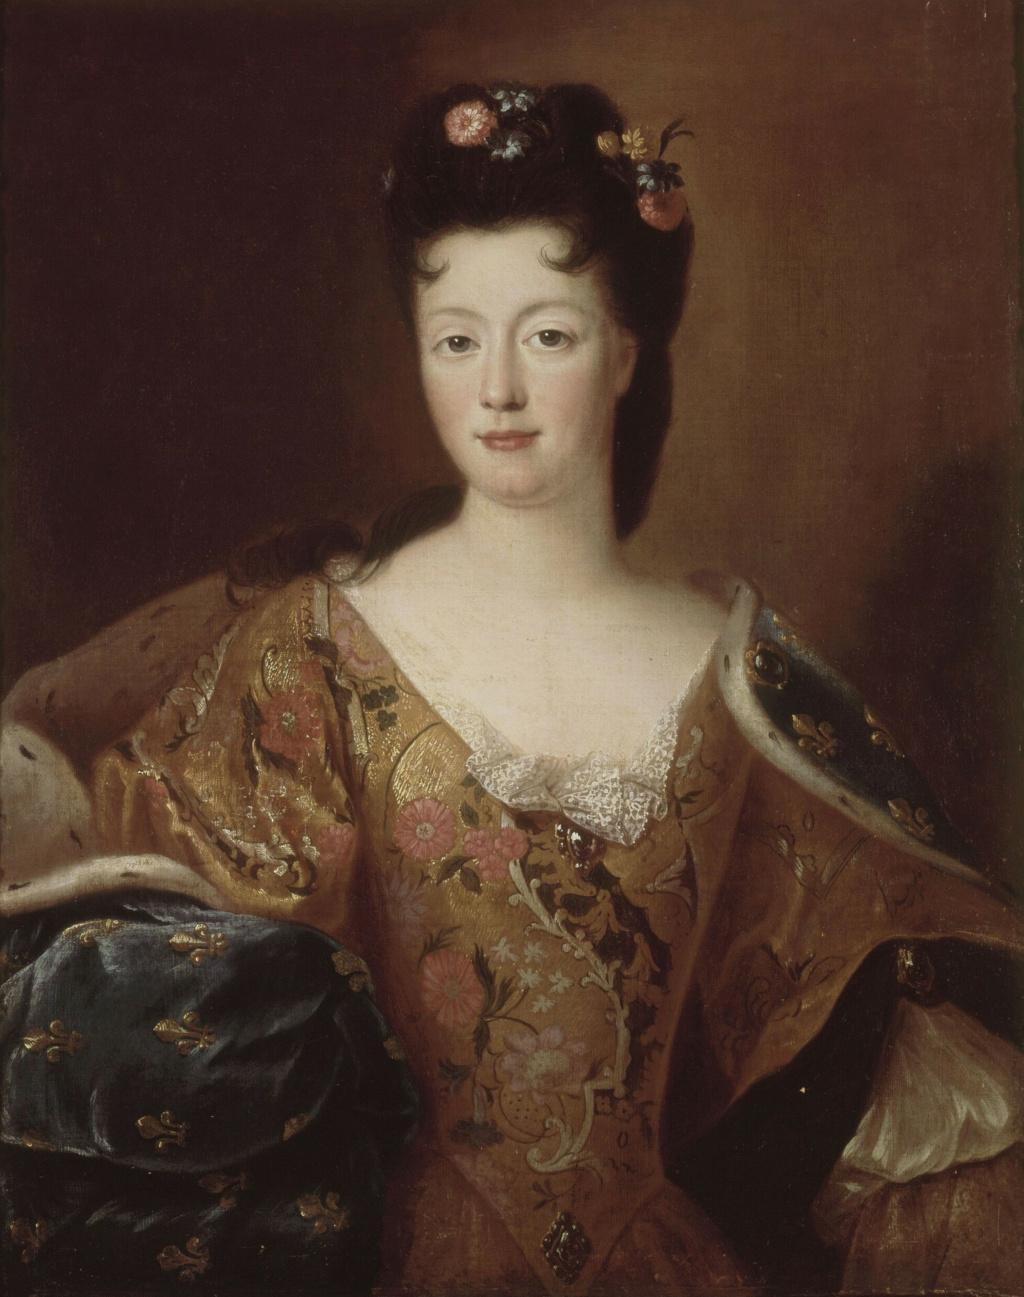 Élisabeth-Charlotte d'Orléans, duchesse de Lorraine et de Bar, grand-mère paternelle de Marie-Antoinette Gobert10